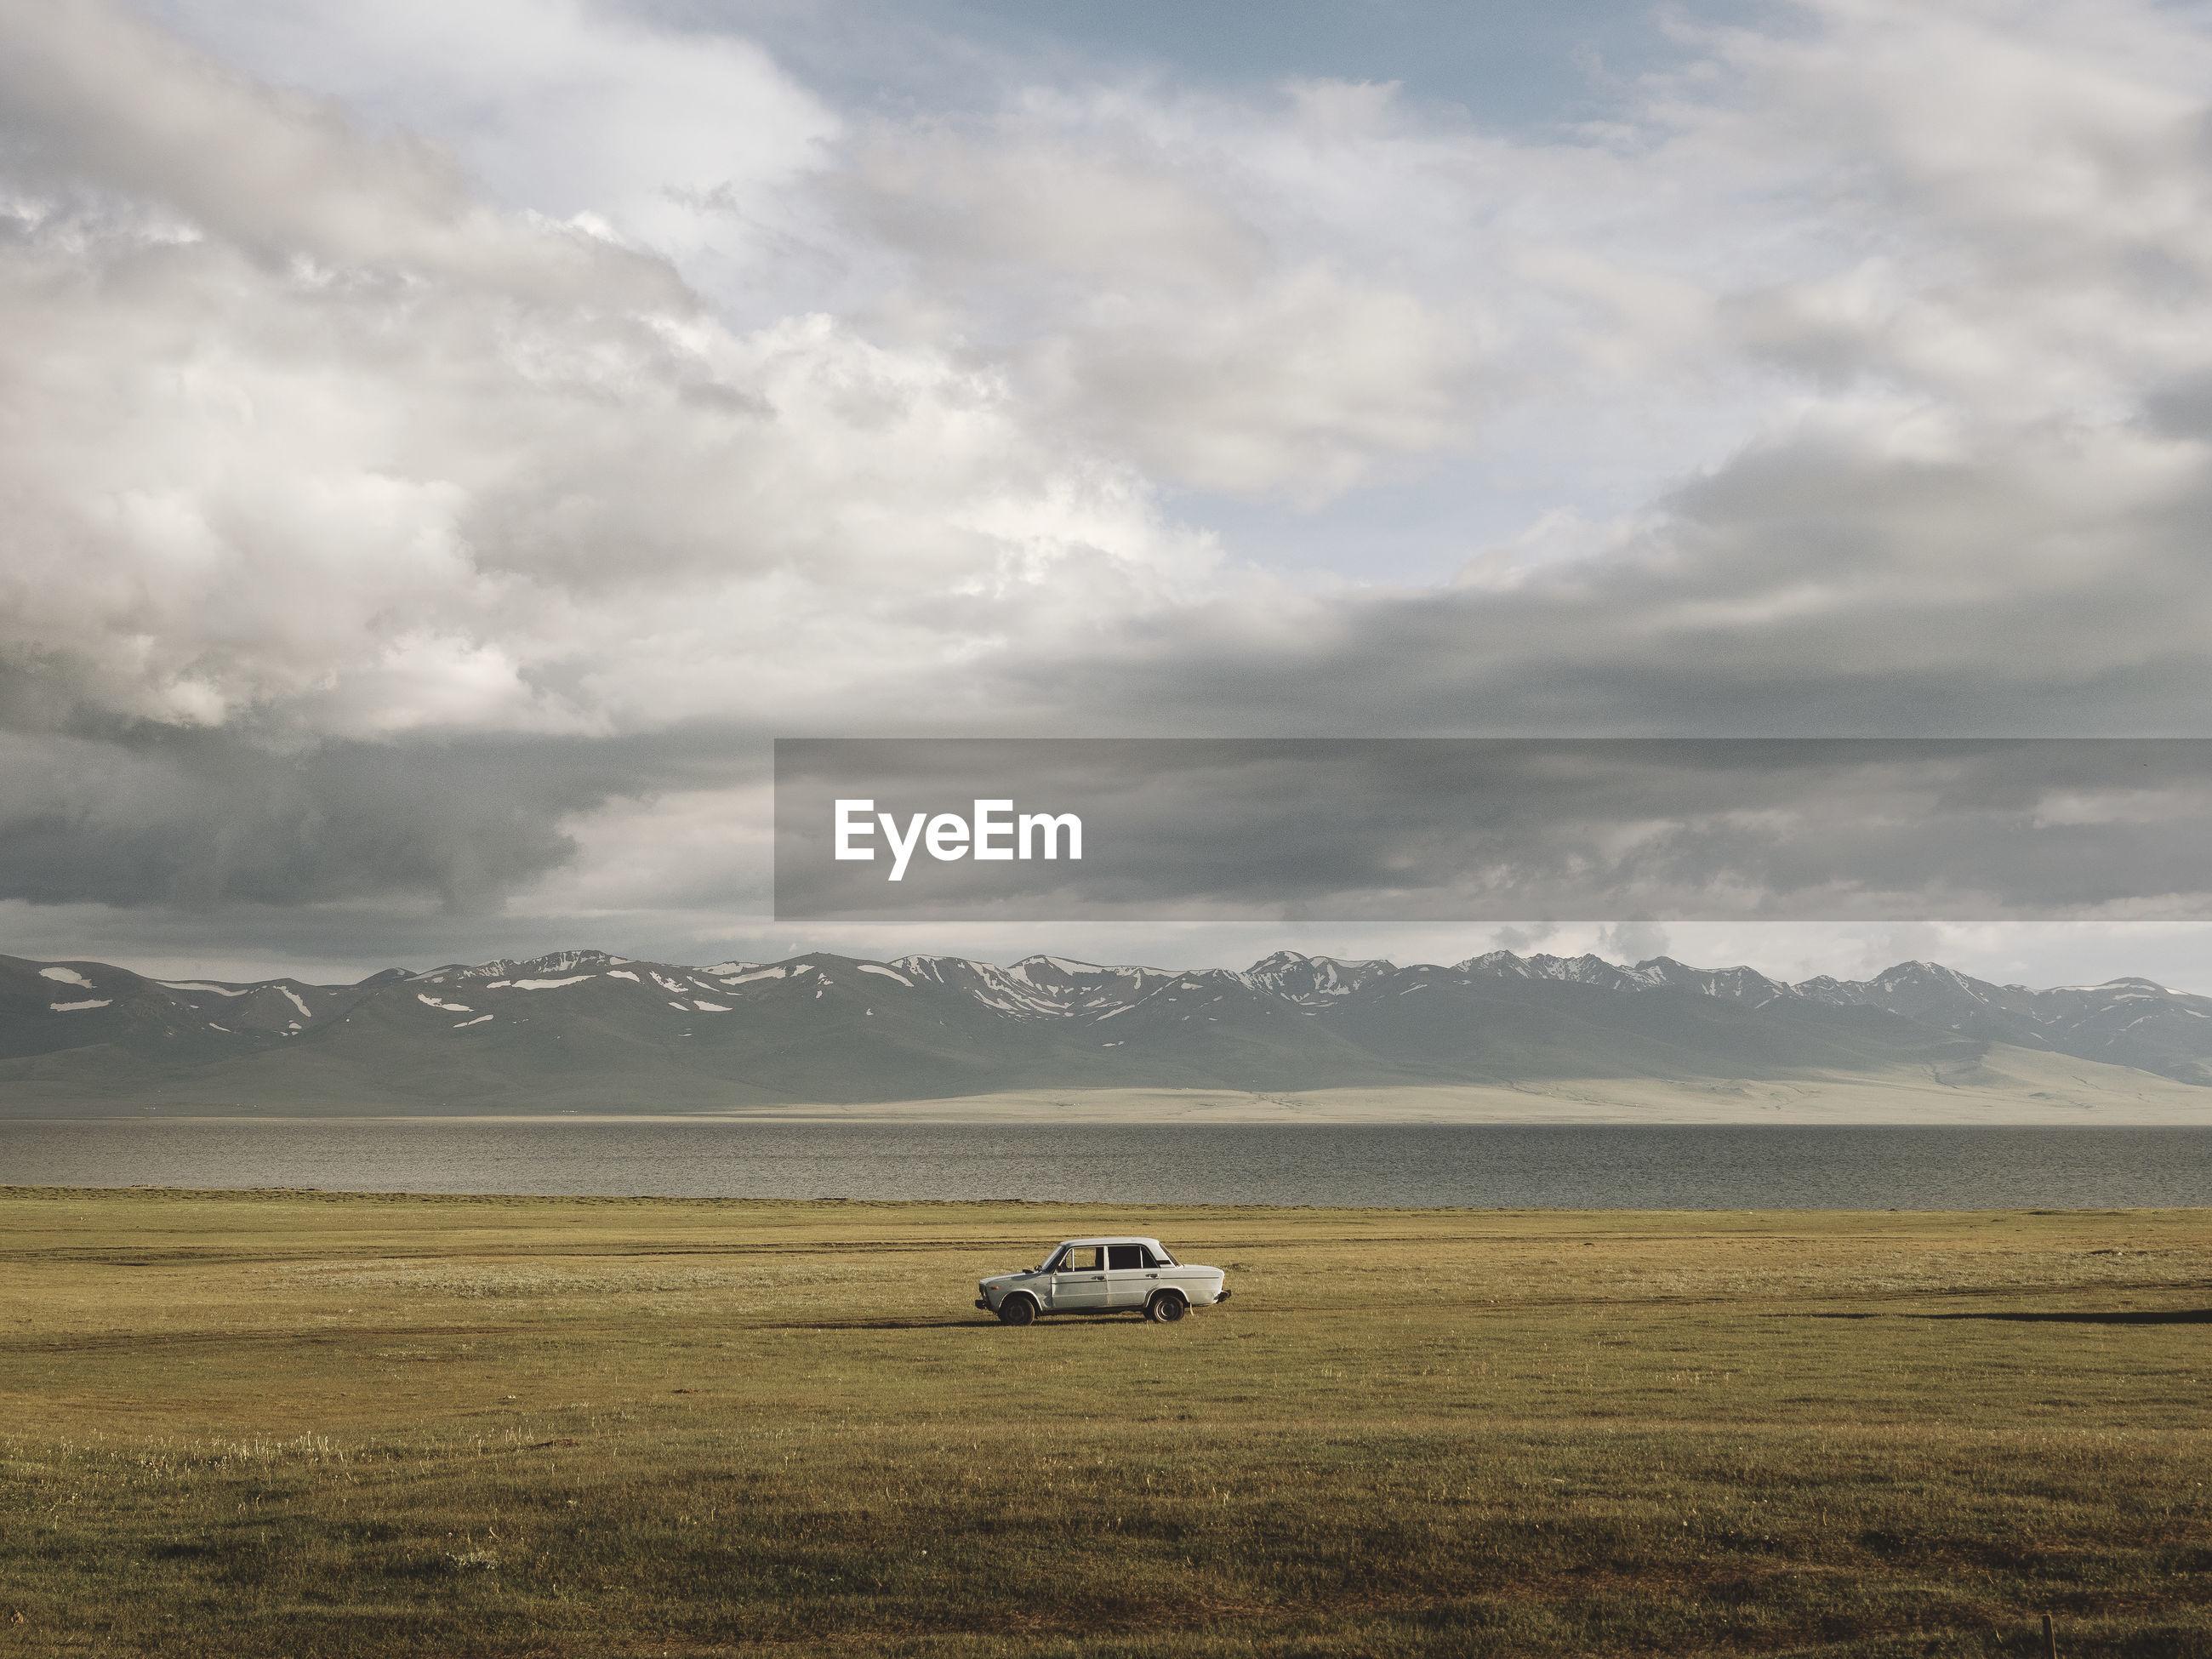 Car on field against cloudy sky